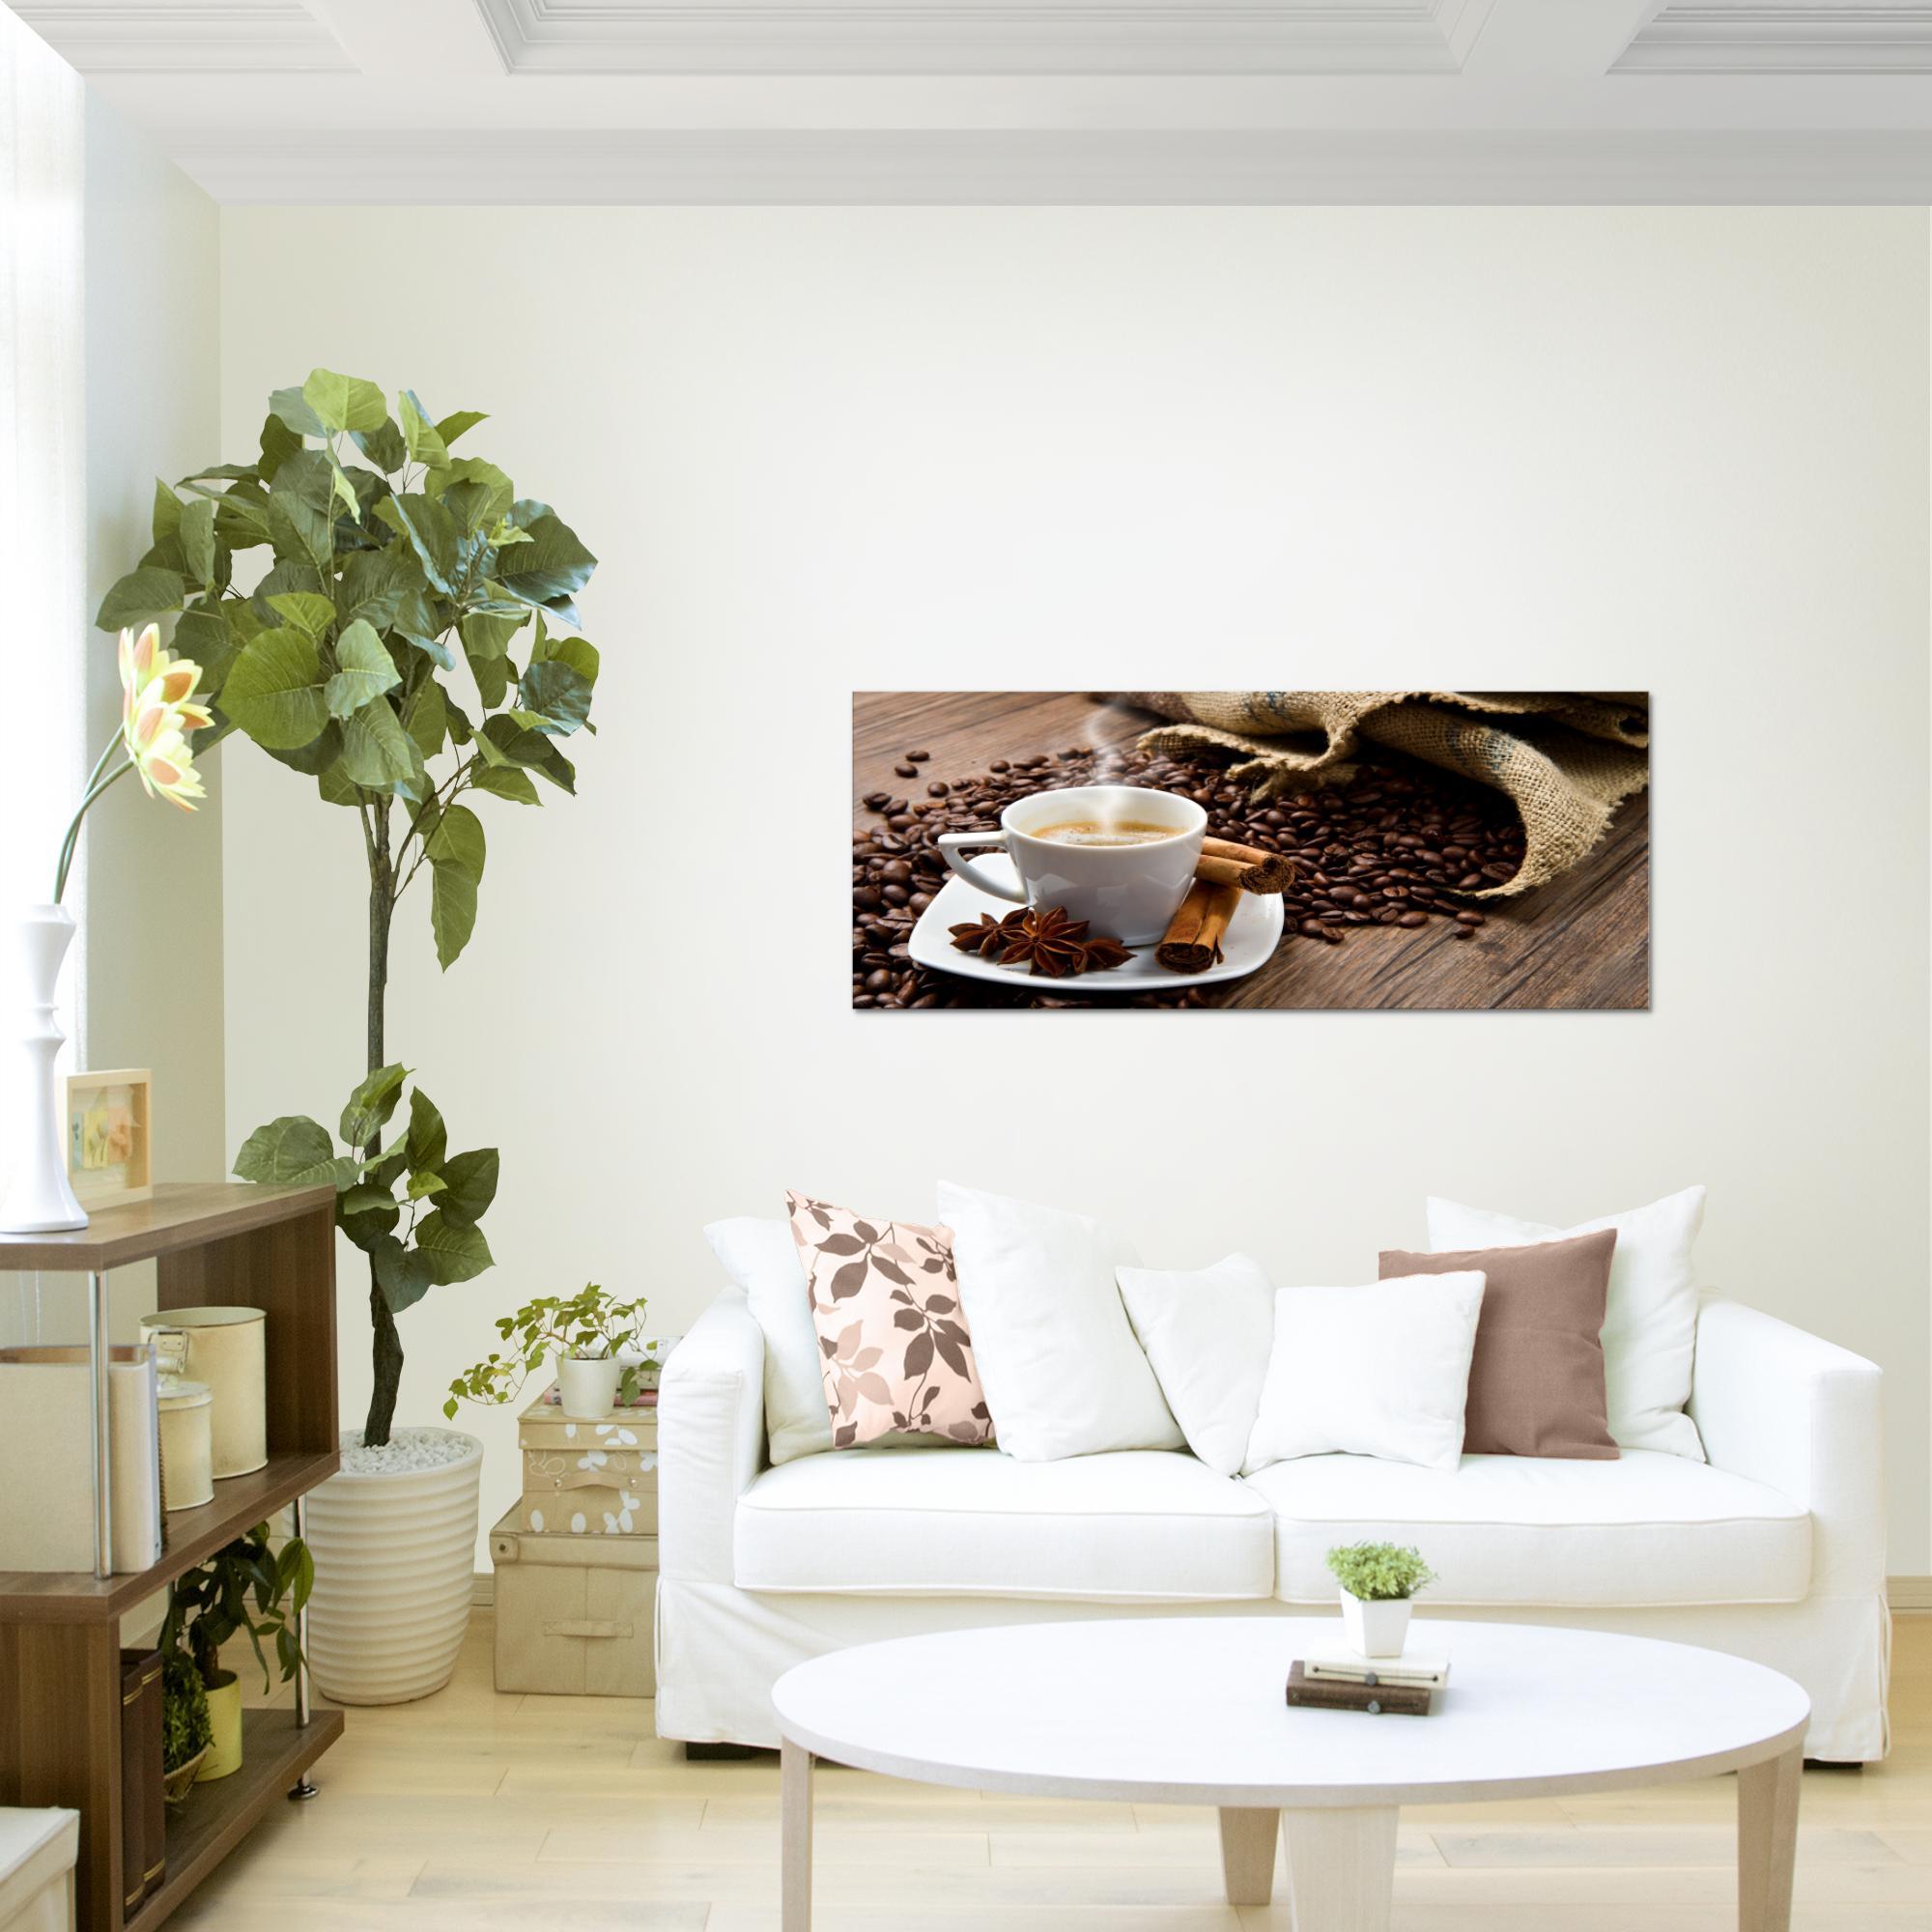 Full Size of Tapete Küche Kaffee Kche Bild Kunstdruck Auf Vlies Leinwand Xxl Dekoration Grau Hochglanz Modern Weiße Arbeitsschuhe Selber Planen Wasserhahn Vorhänge Wohnzimmer Tapete Küche Kaffee